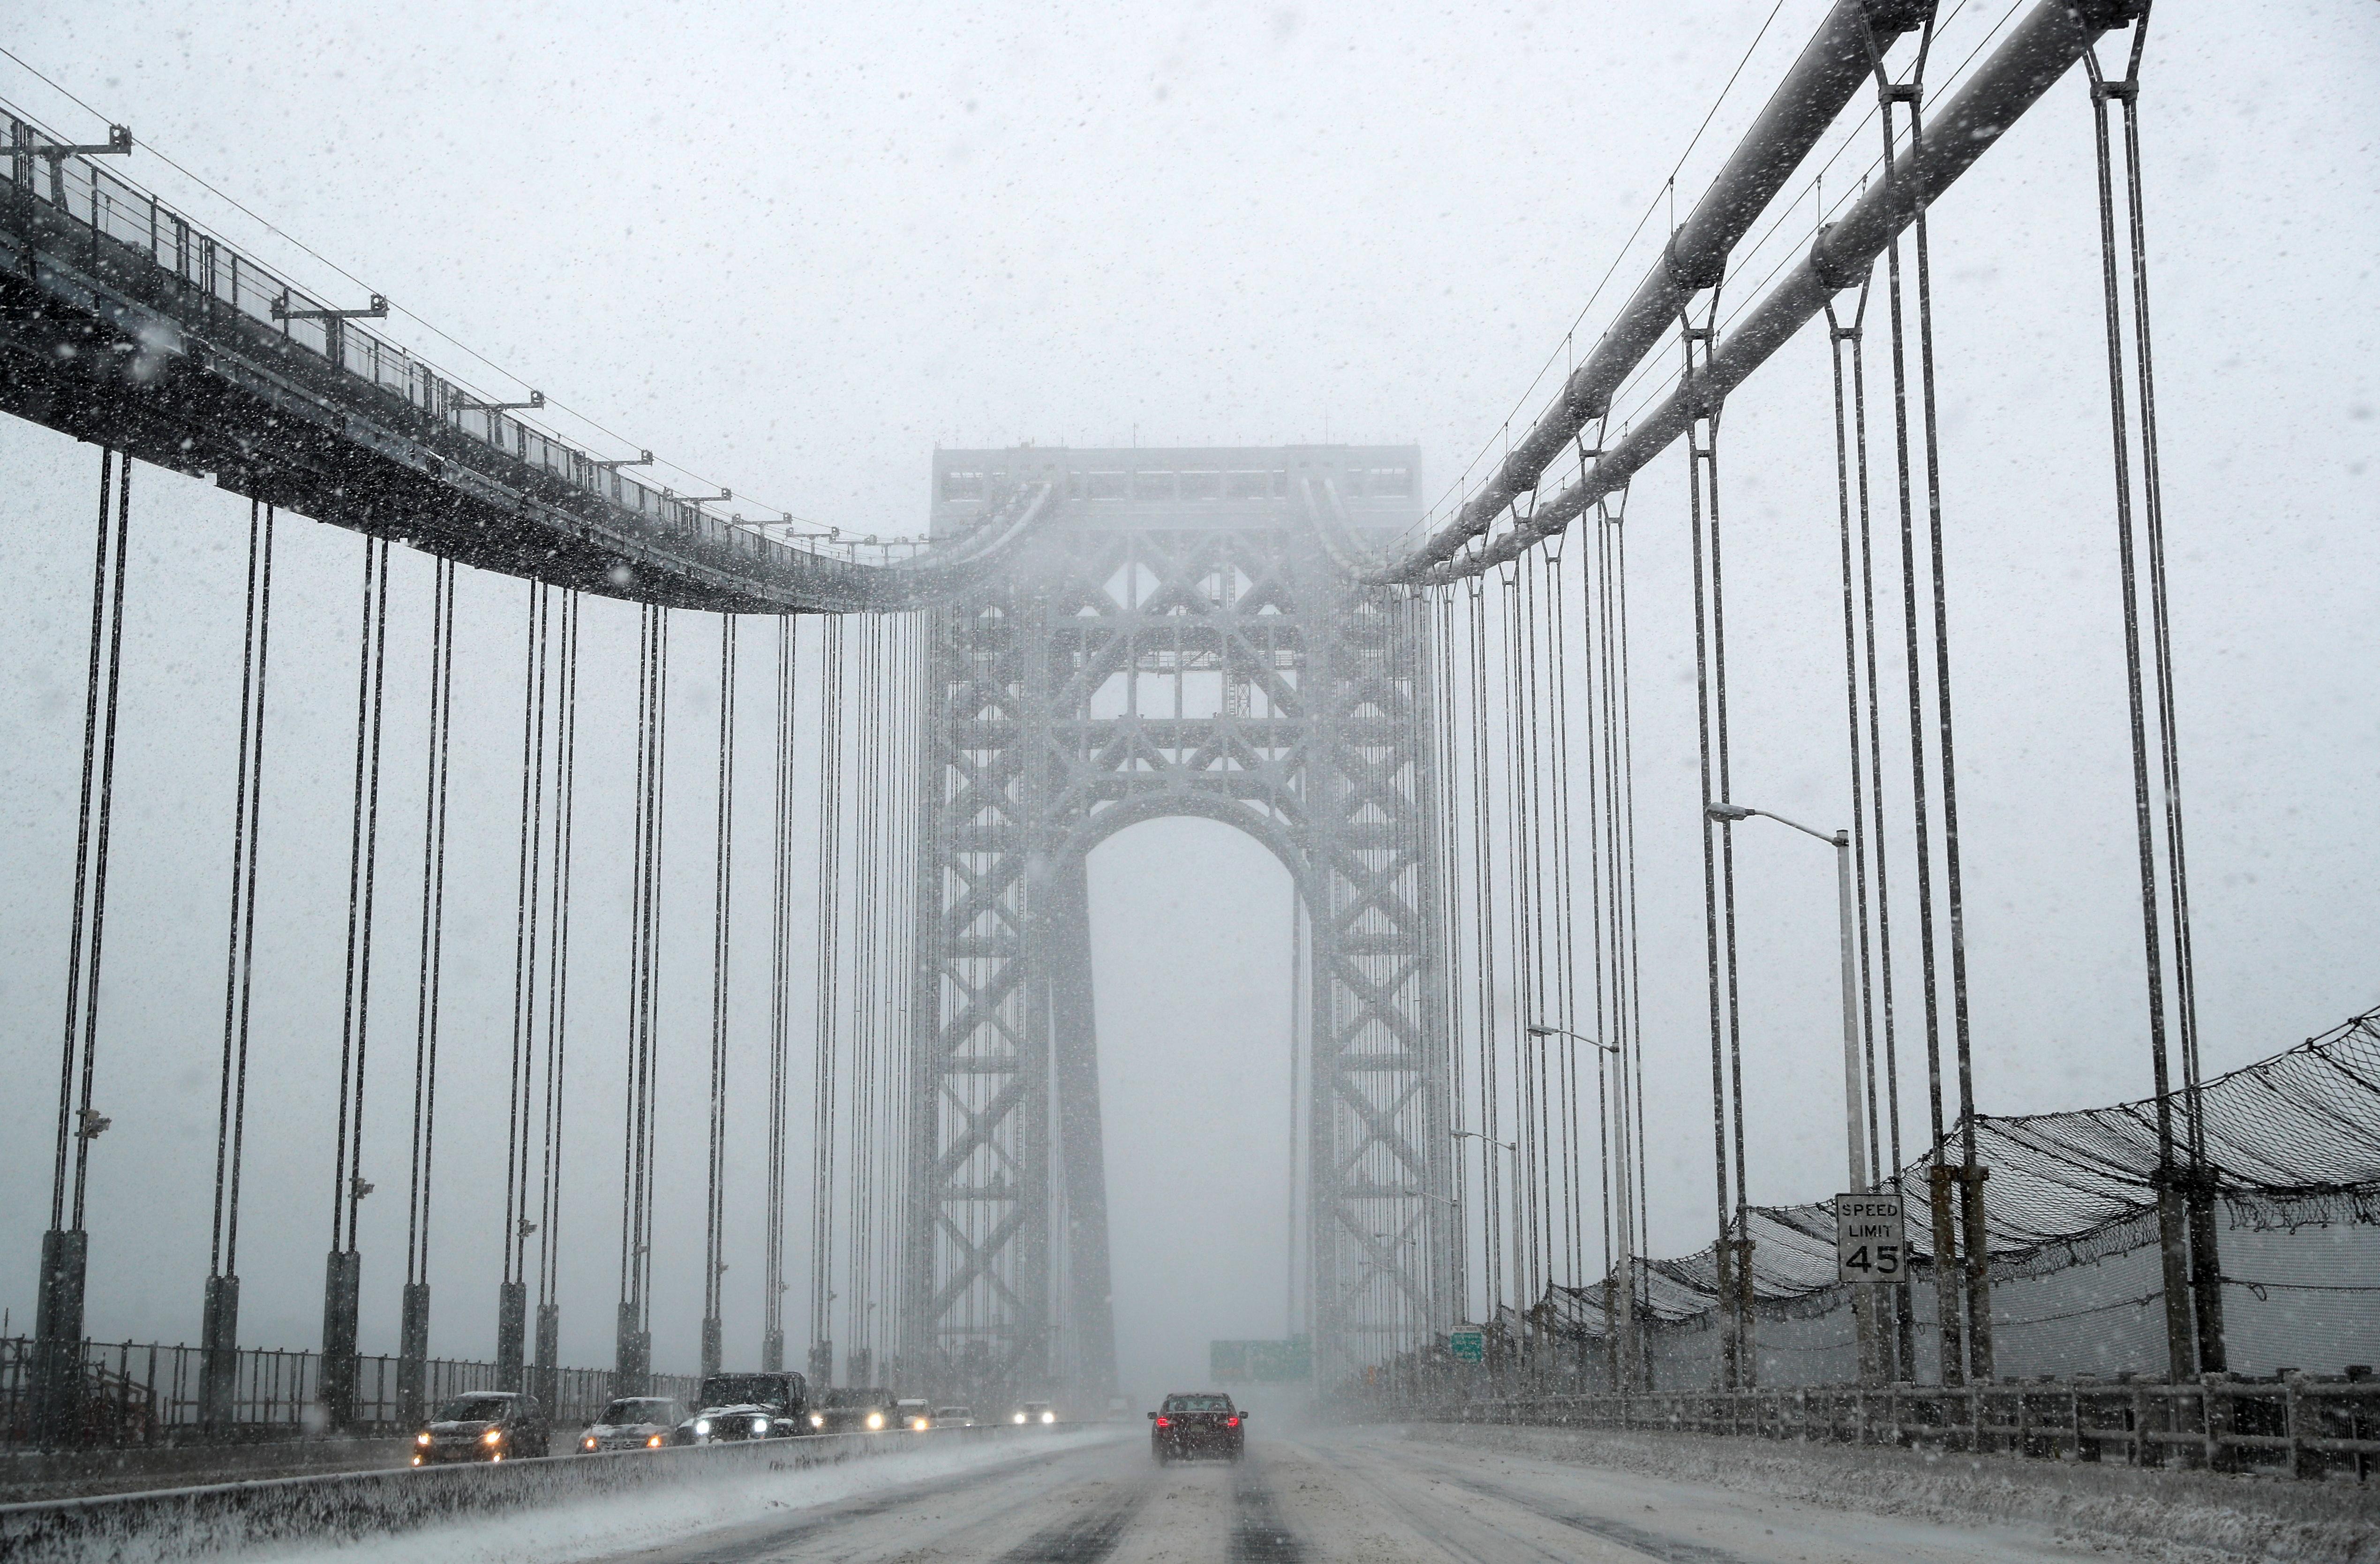 Nieve en el puente George Washington, que conecta Nueva Jersey y Nueva York (REUTERS/Mike Segar)